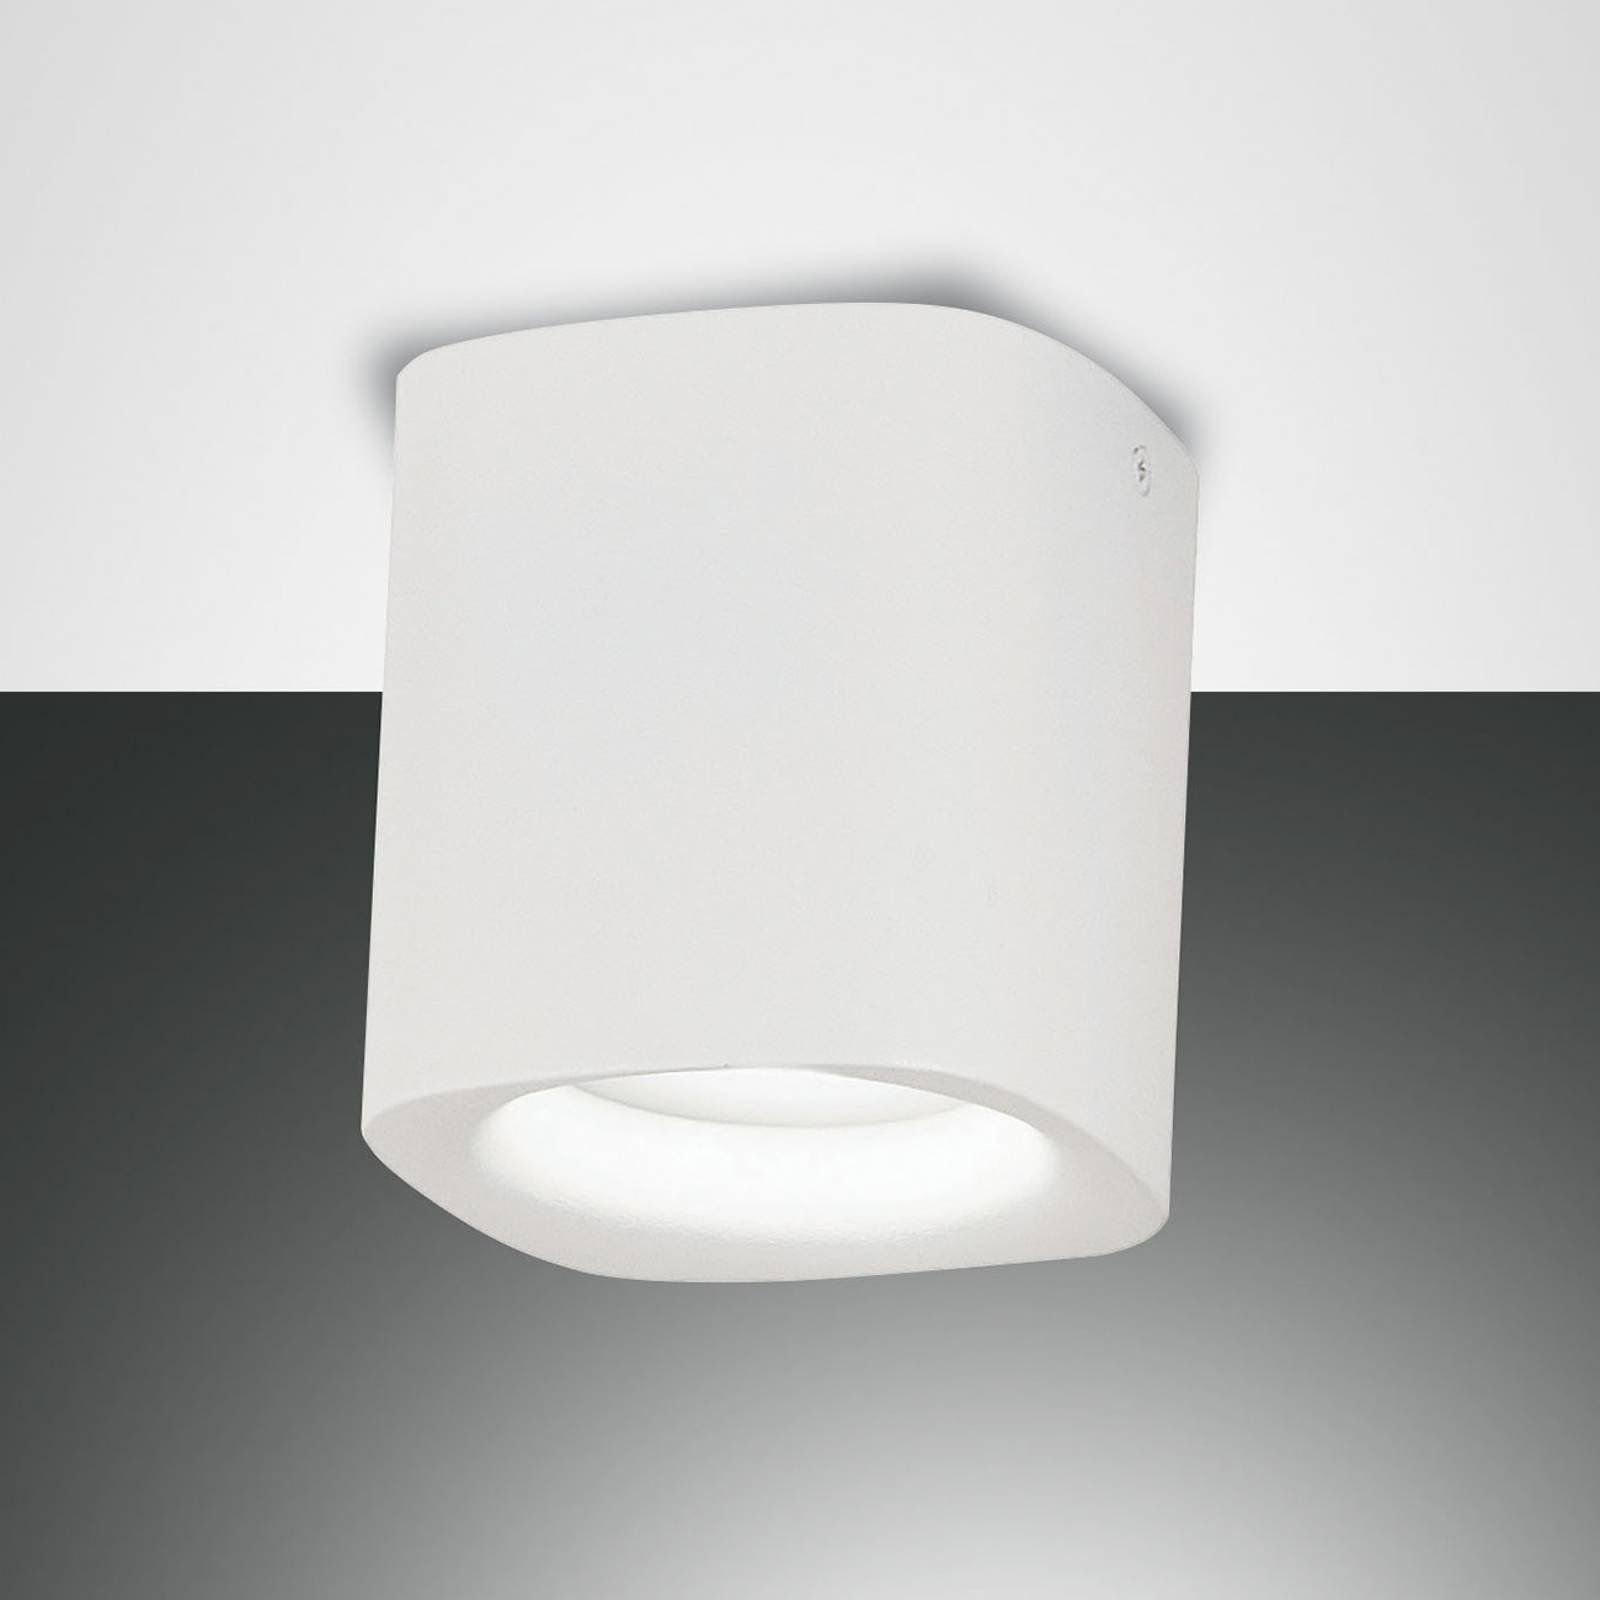 Kattovalaisin Smooth, 1-lamppuinen valkoinen, IP44